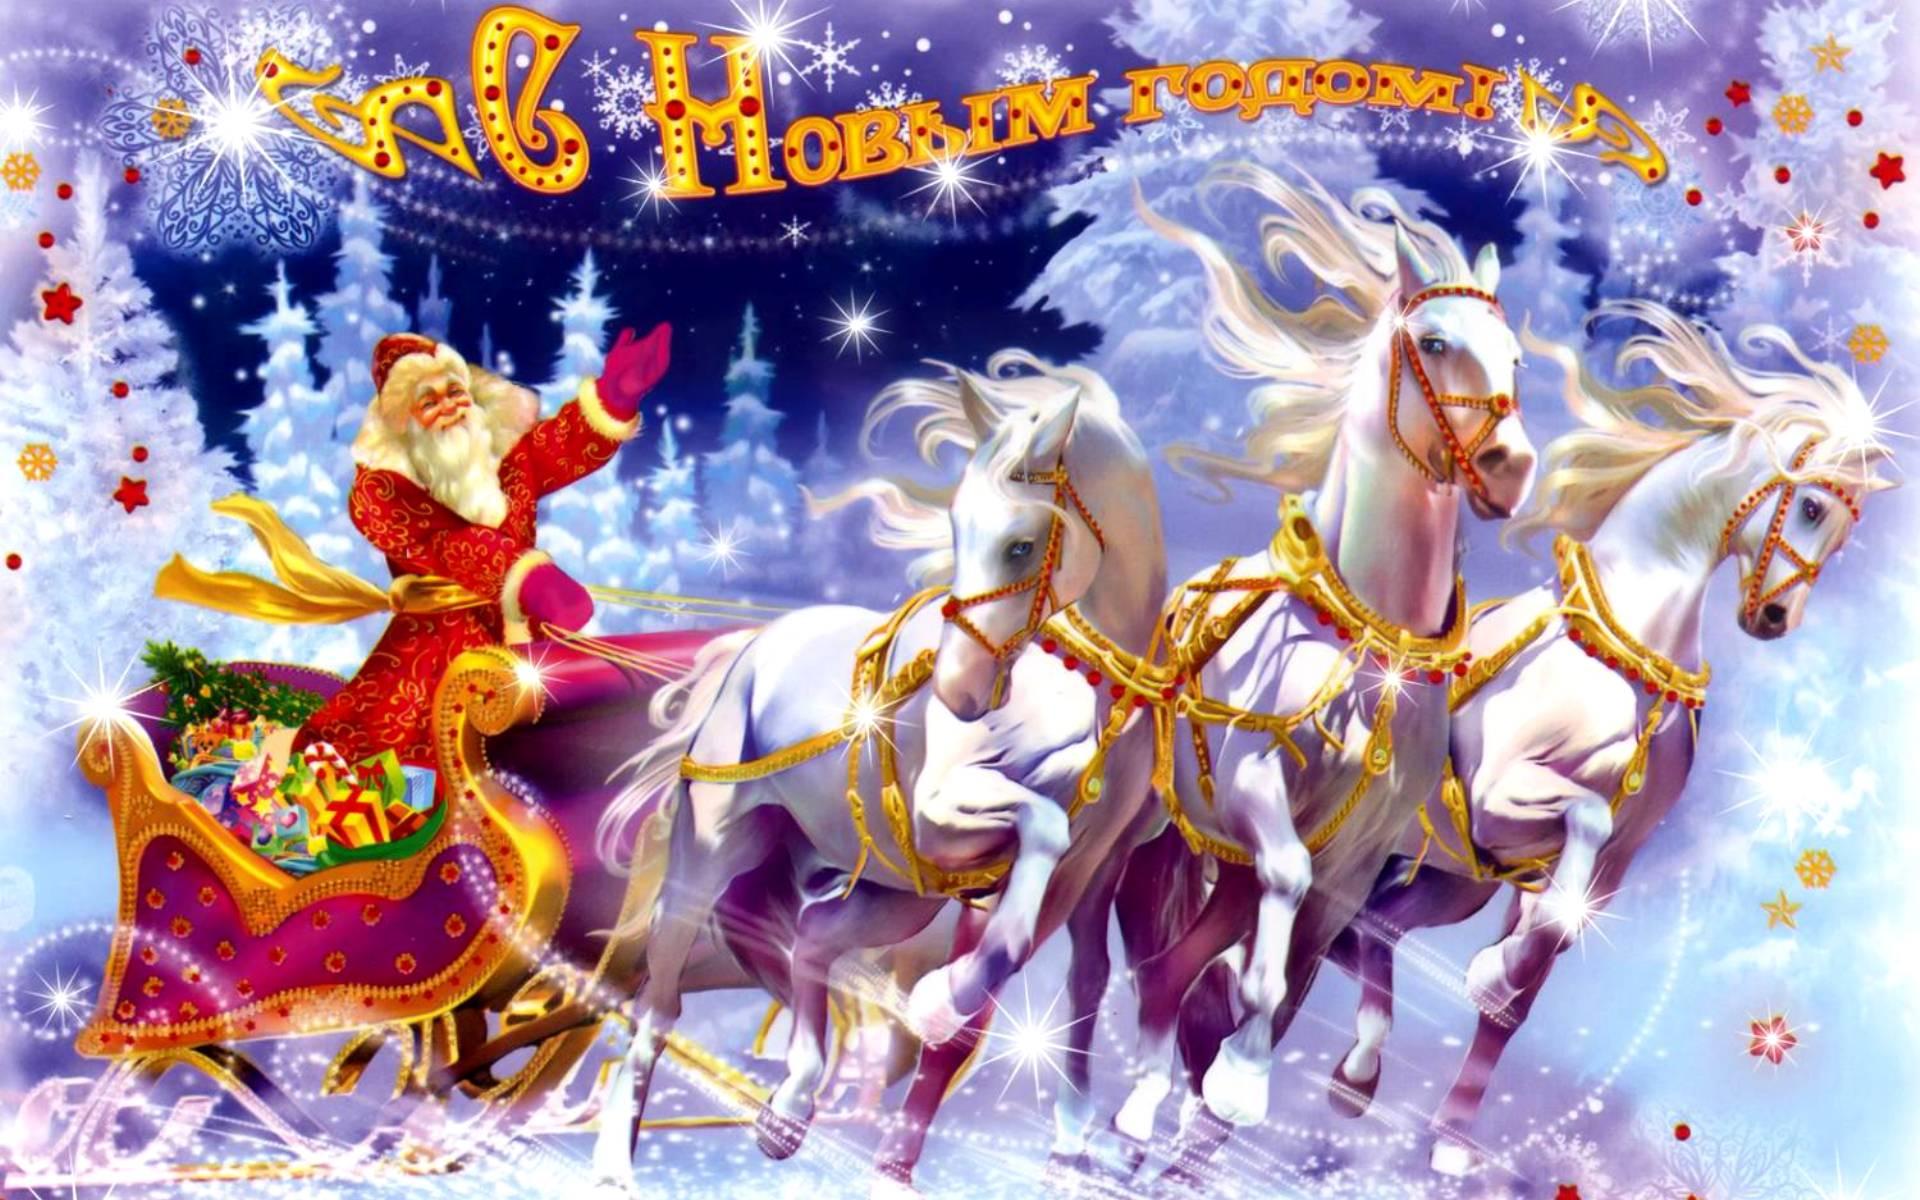 Тройка белых коней и дед Мороз с подарками - C наступающим новым годом 2018 поздравительные картинки